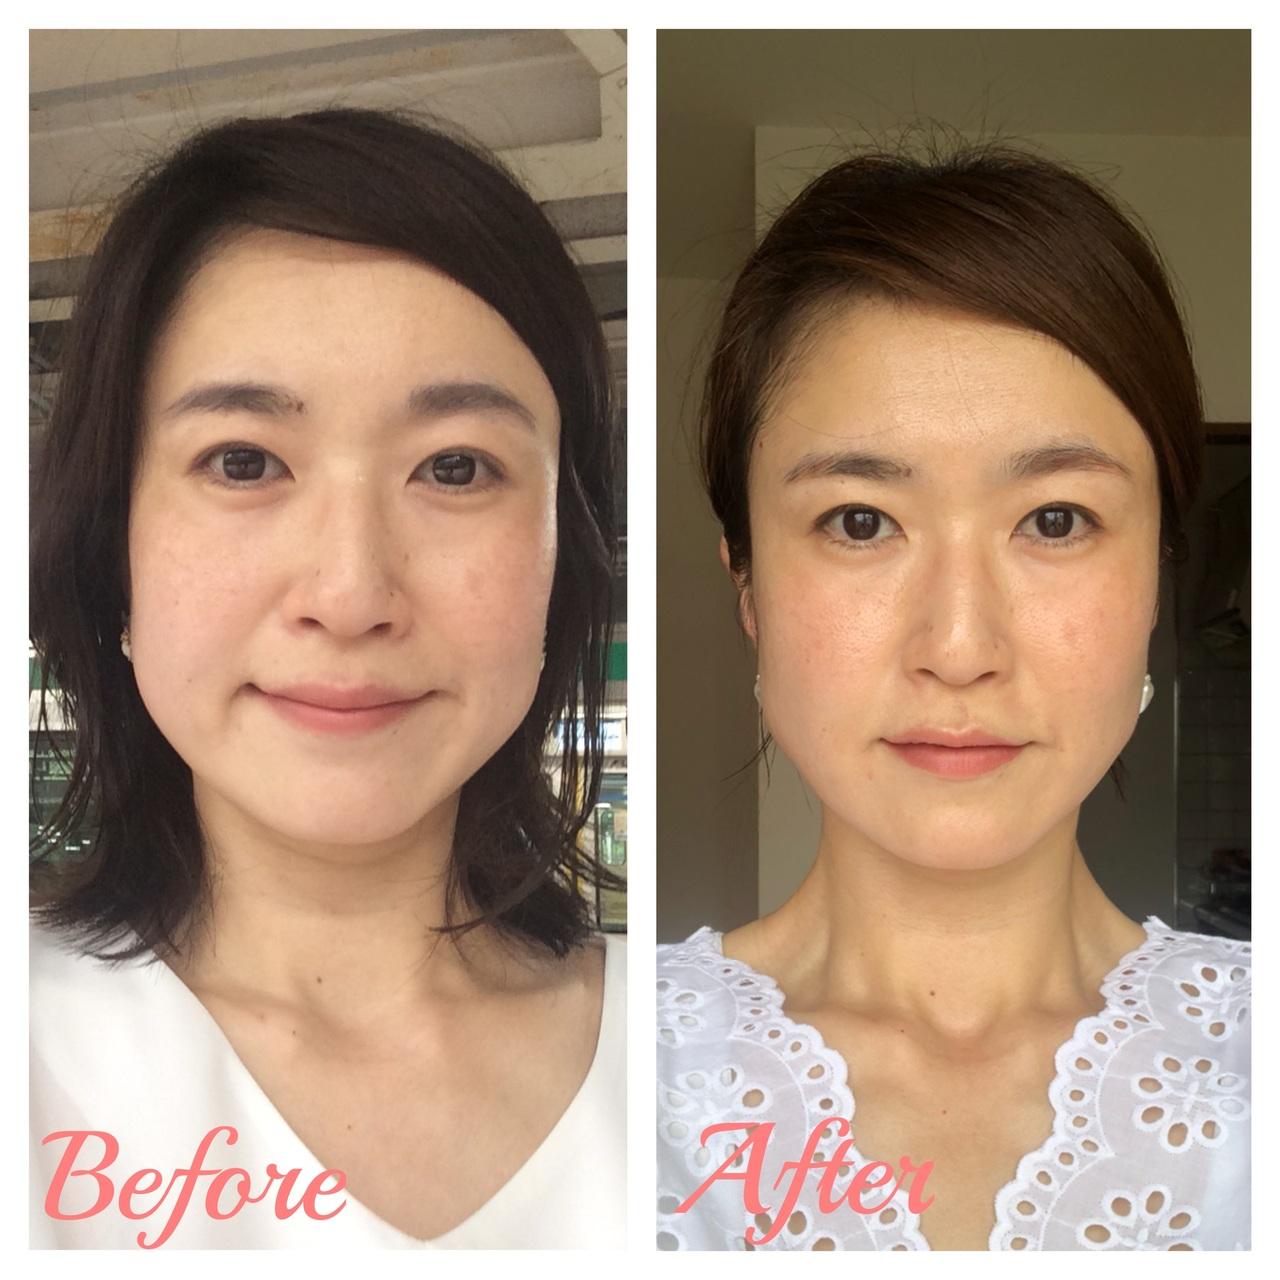 表情美人ママになる35歳からのフェイスラインアップエクササイズ[品川宿いどばた]